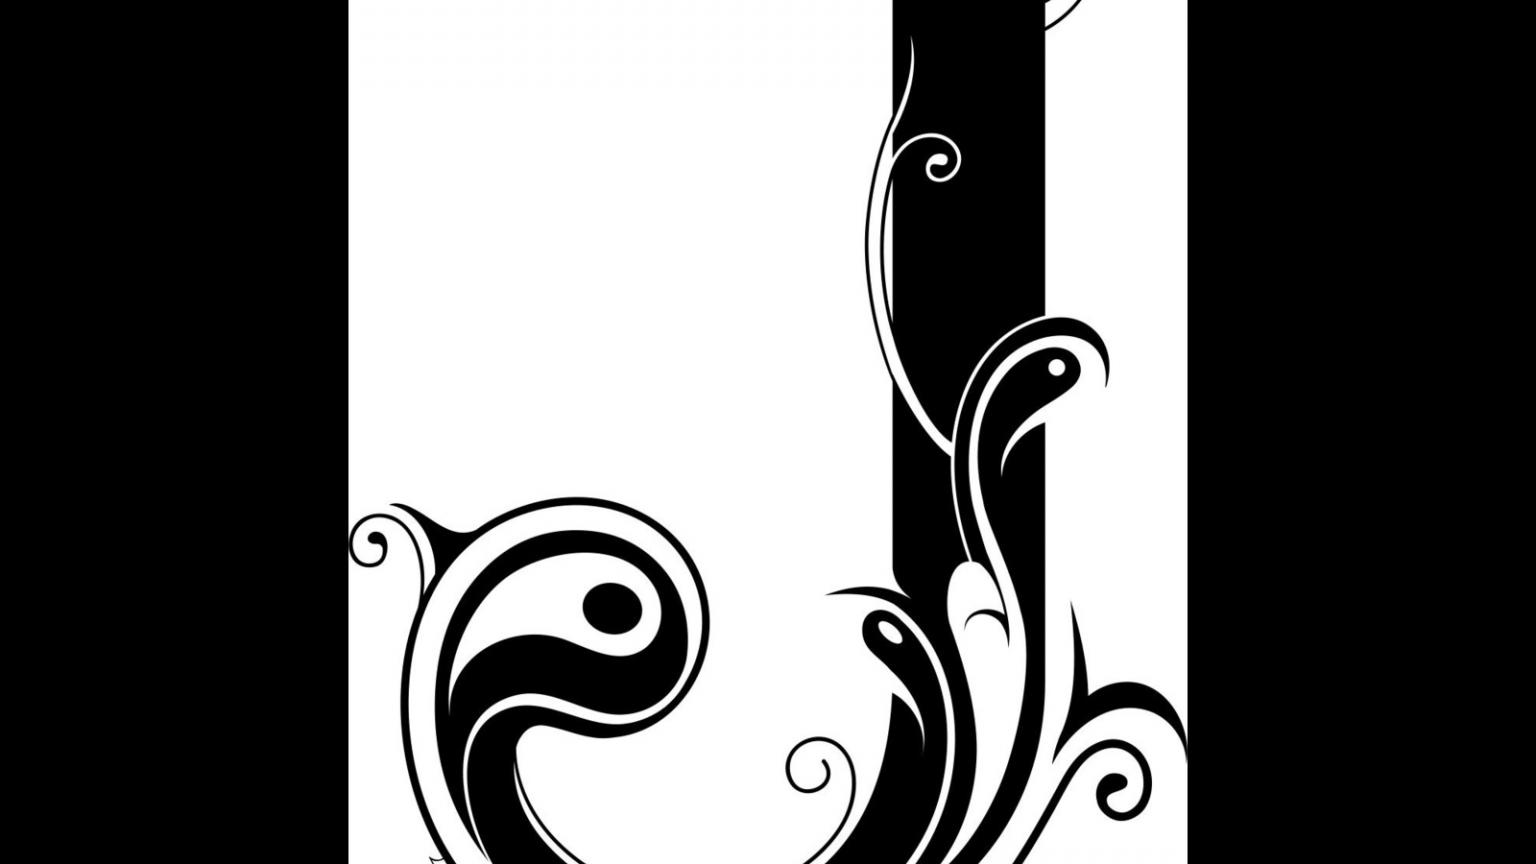 Free download Letter J Wallpaper Letter j design tattoo ...